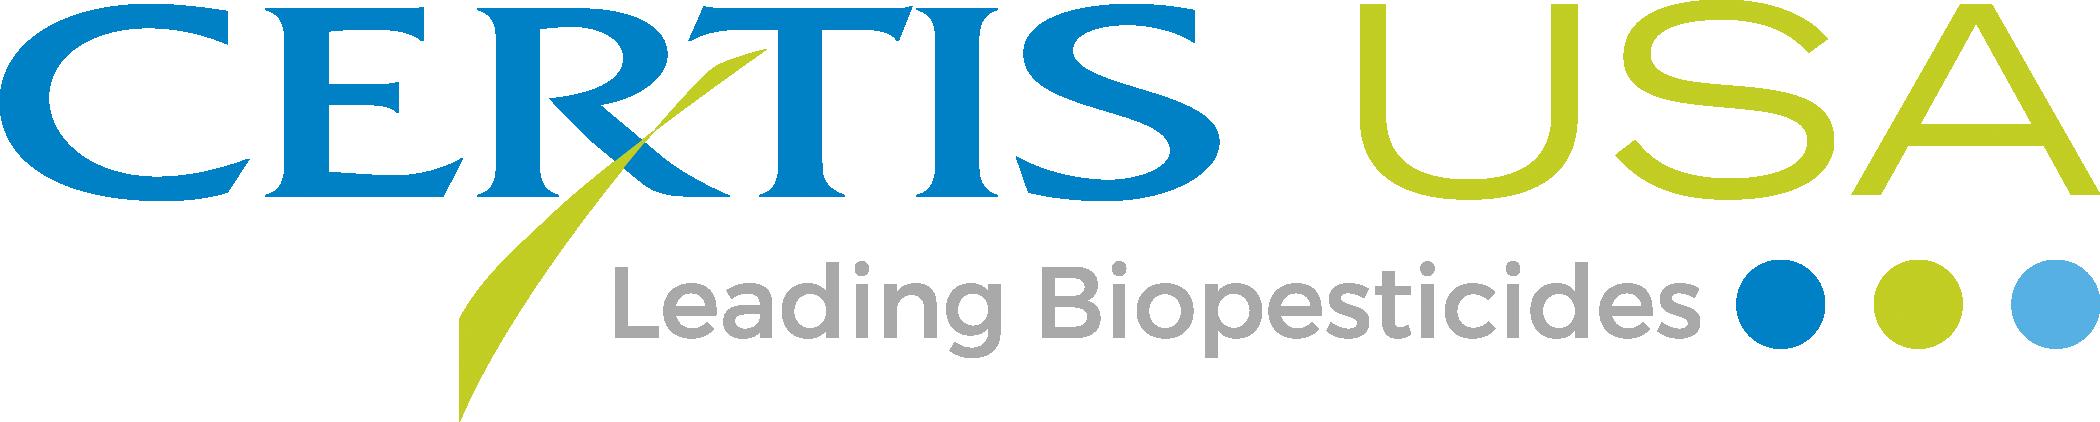 Certis_logo